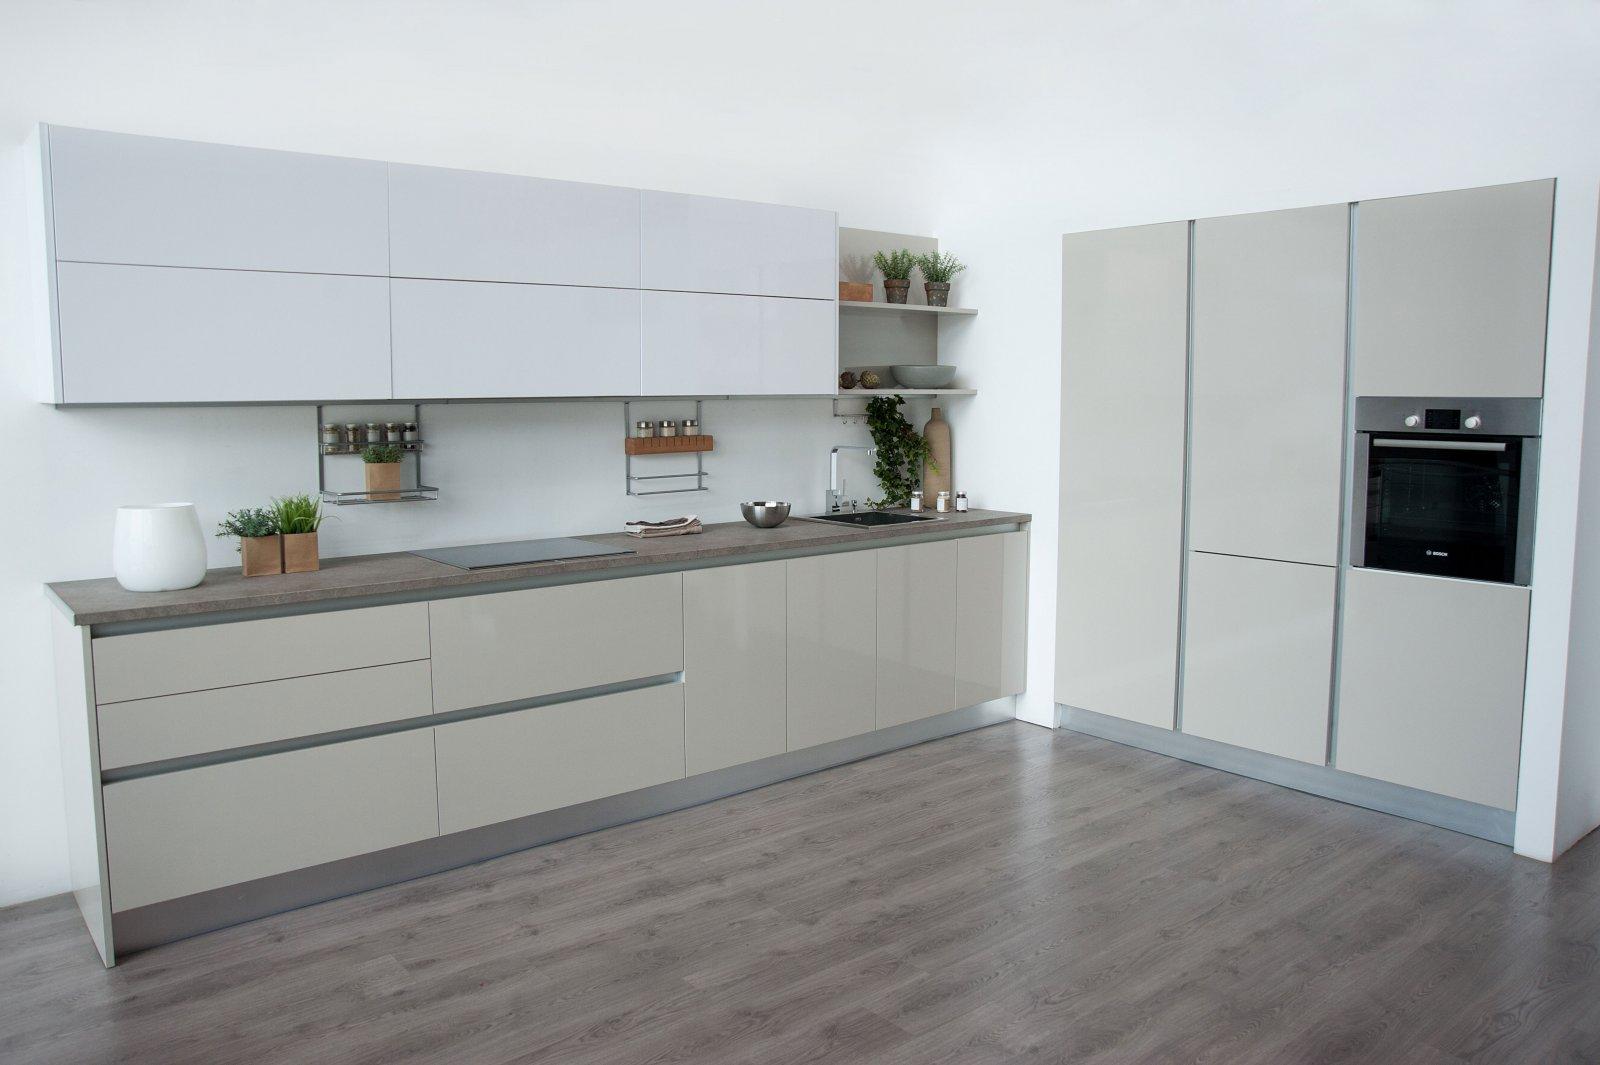 Crea tu cocina a medida con tpc cocinas decoraci n del hogar - Cocinas porcelanosa precios ...